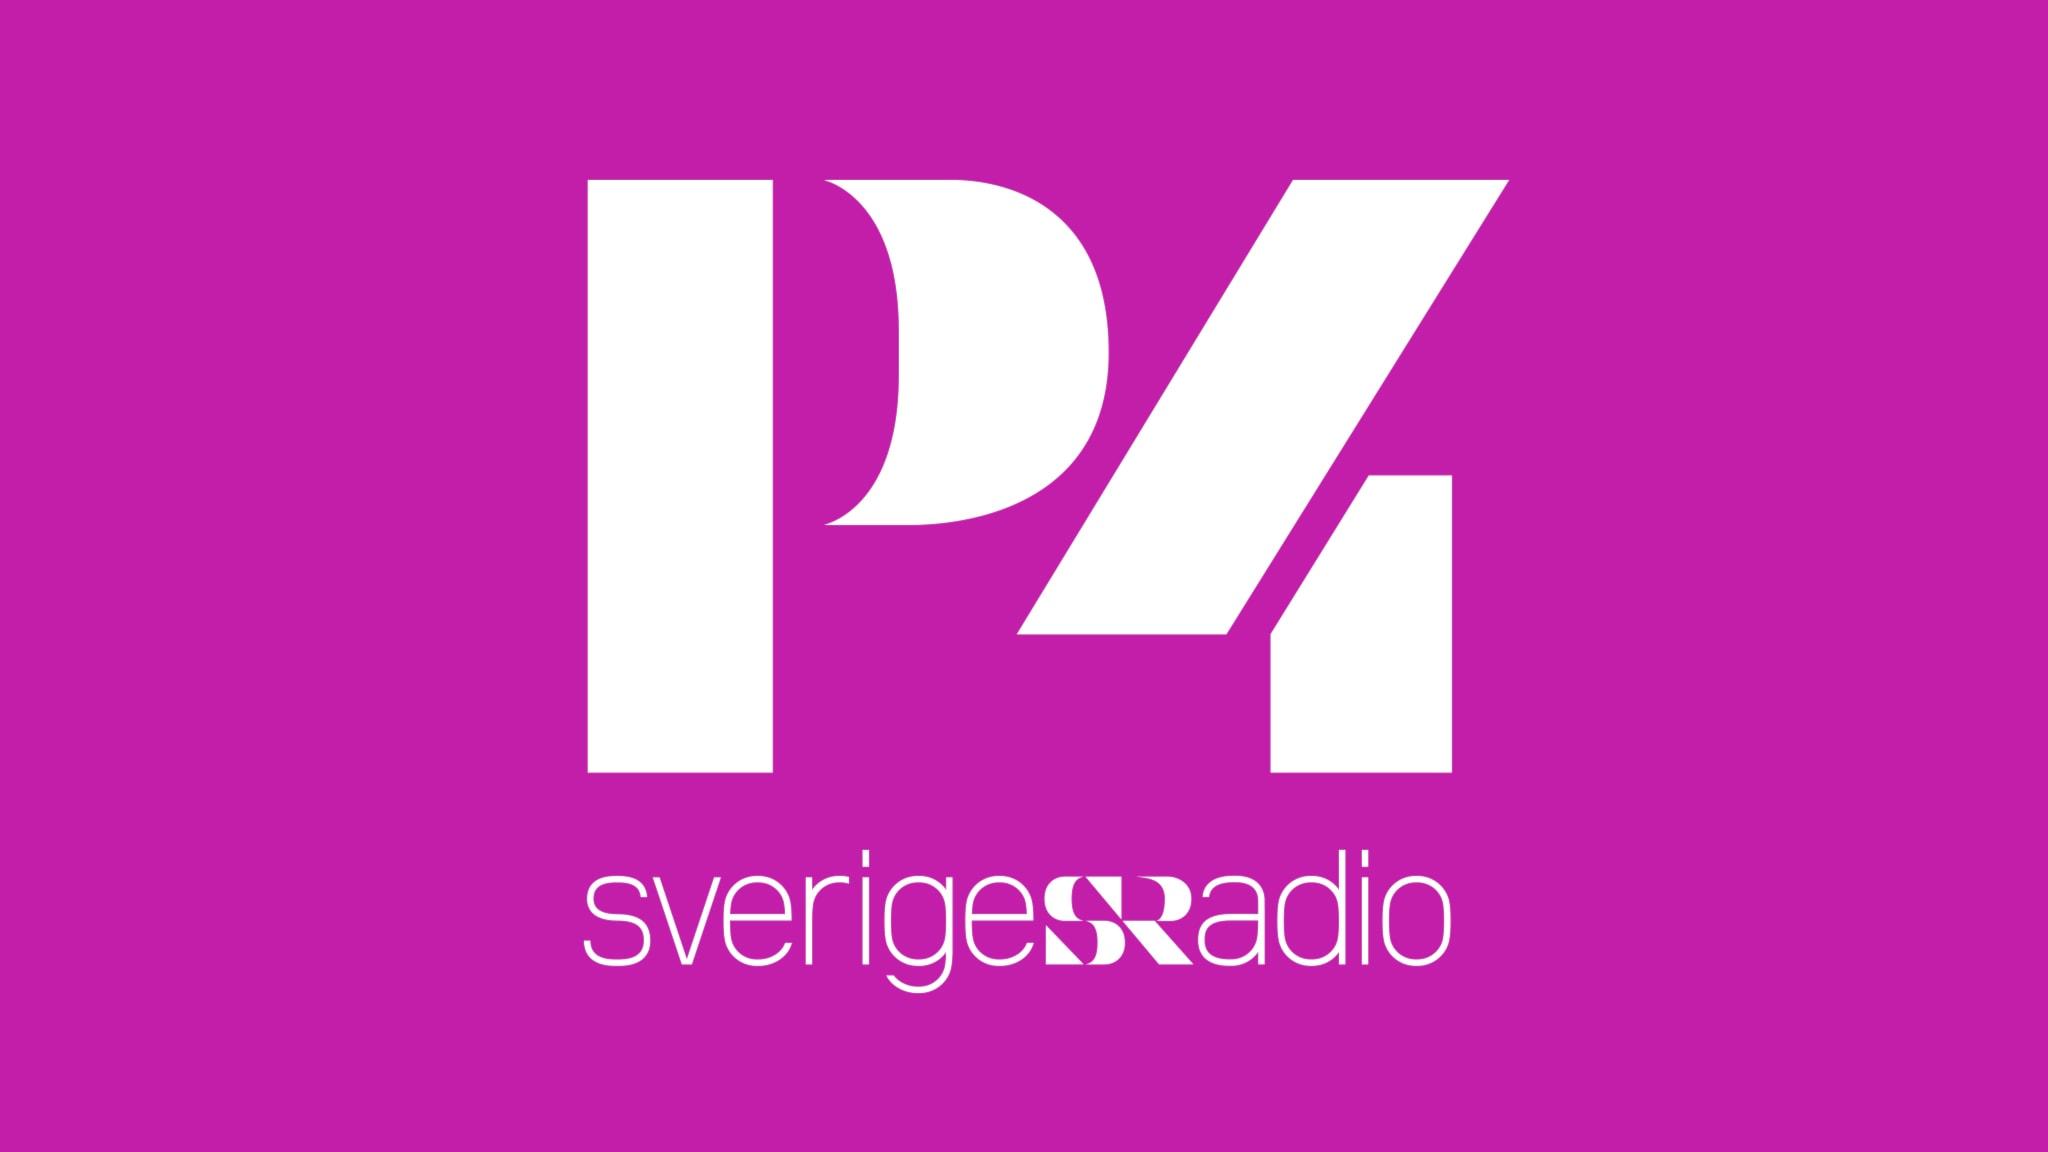 Trafik P4 Göteborg 20190625 09.05 (00.59)